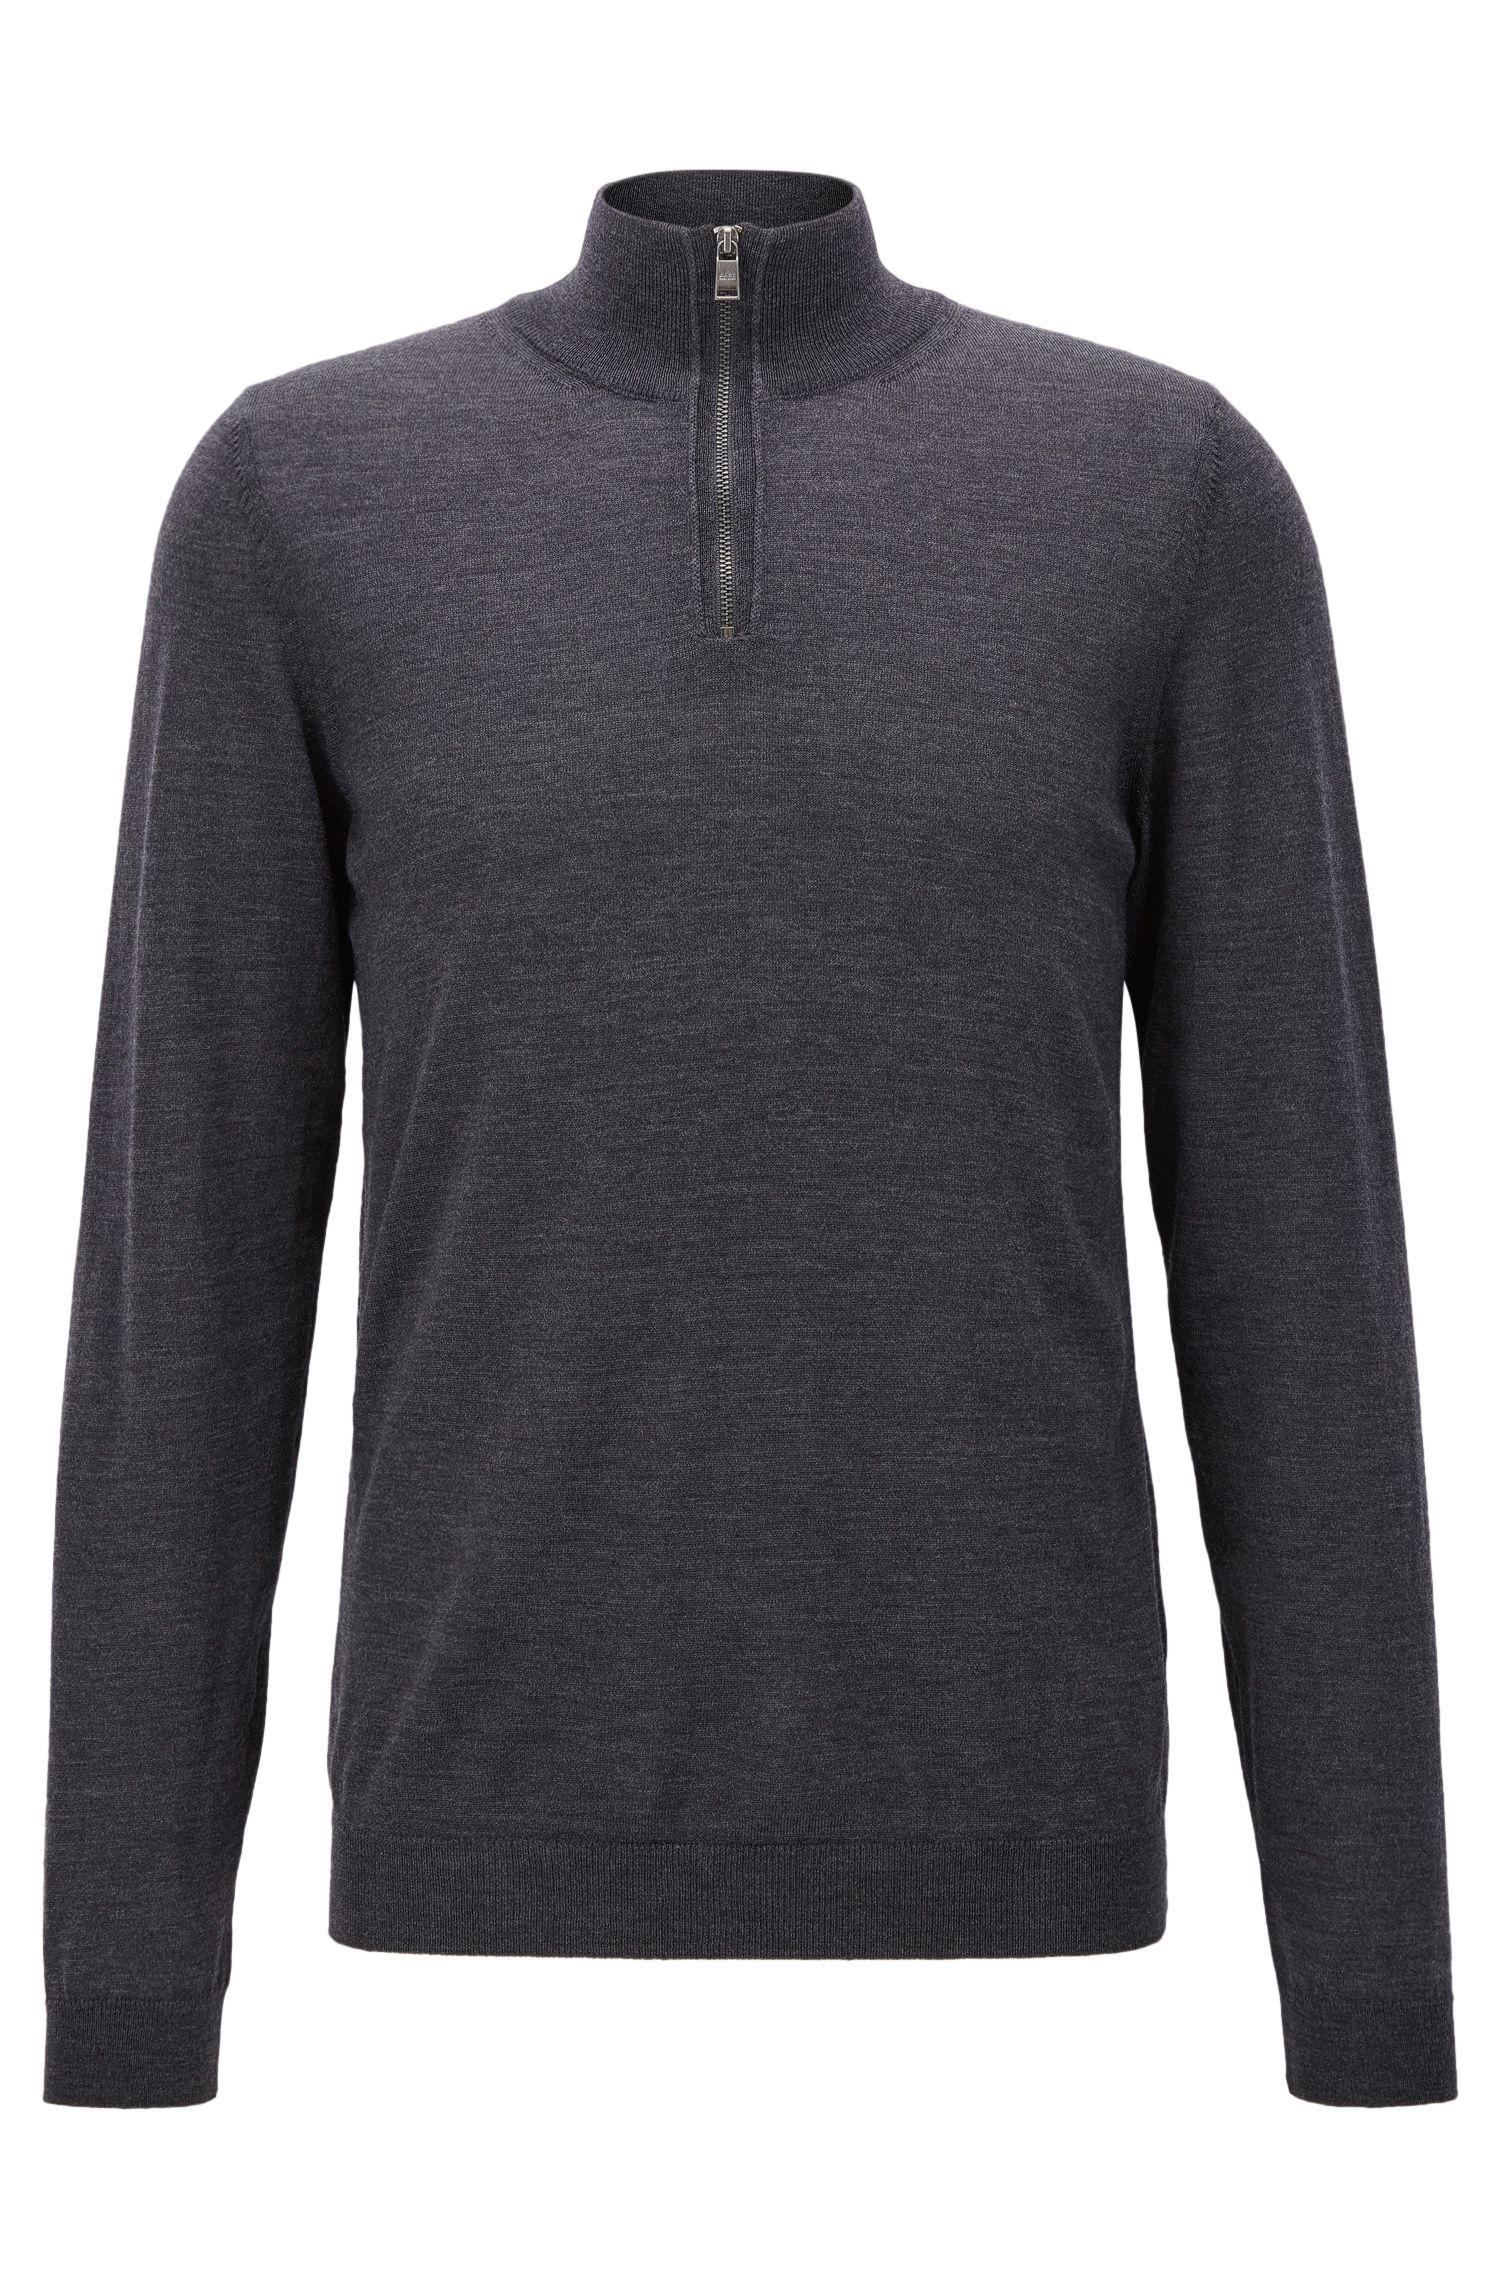 Slim-Fit Pullover aus extrafeiner Merinowolle mit Reißverschluss